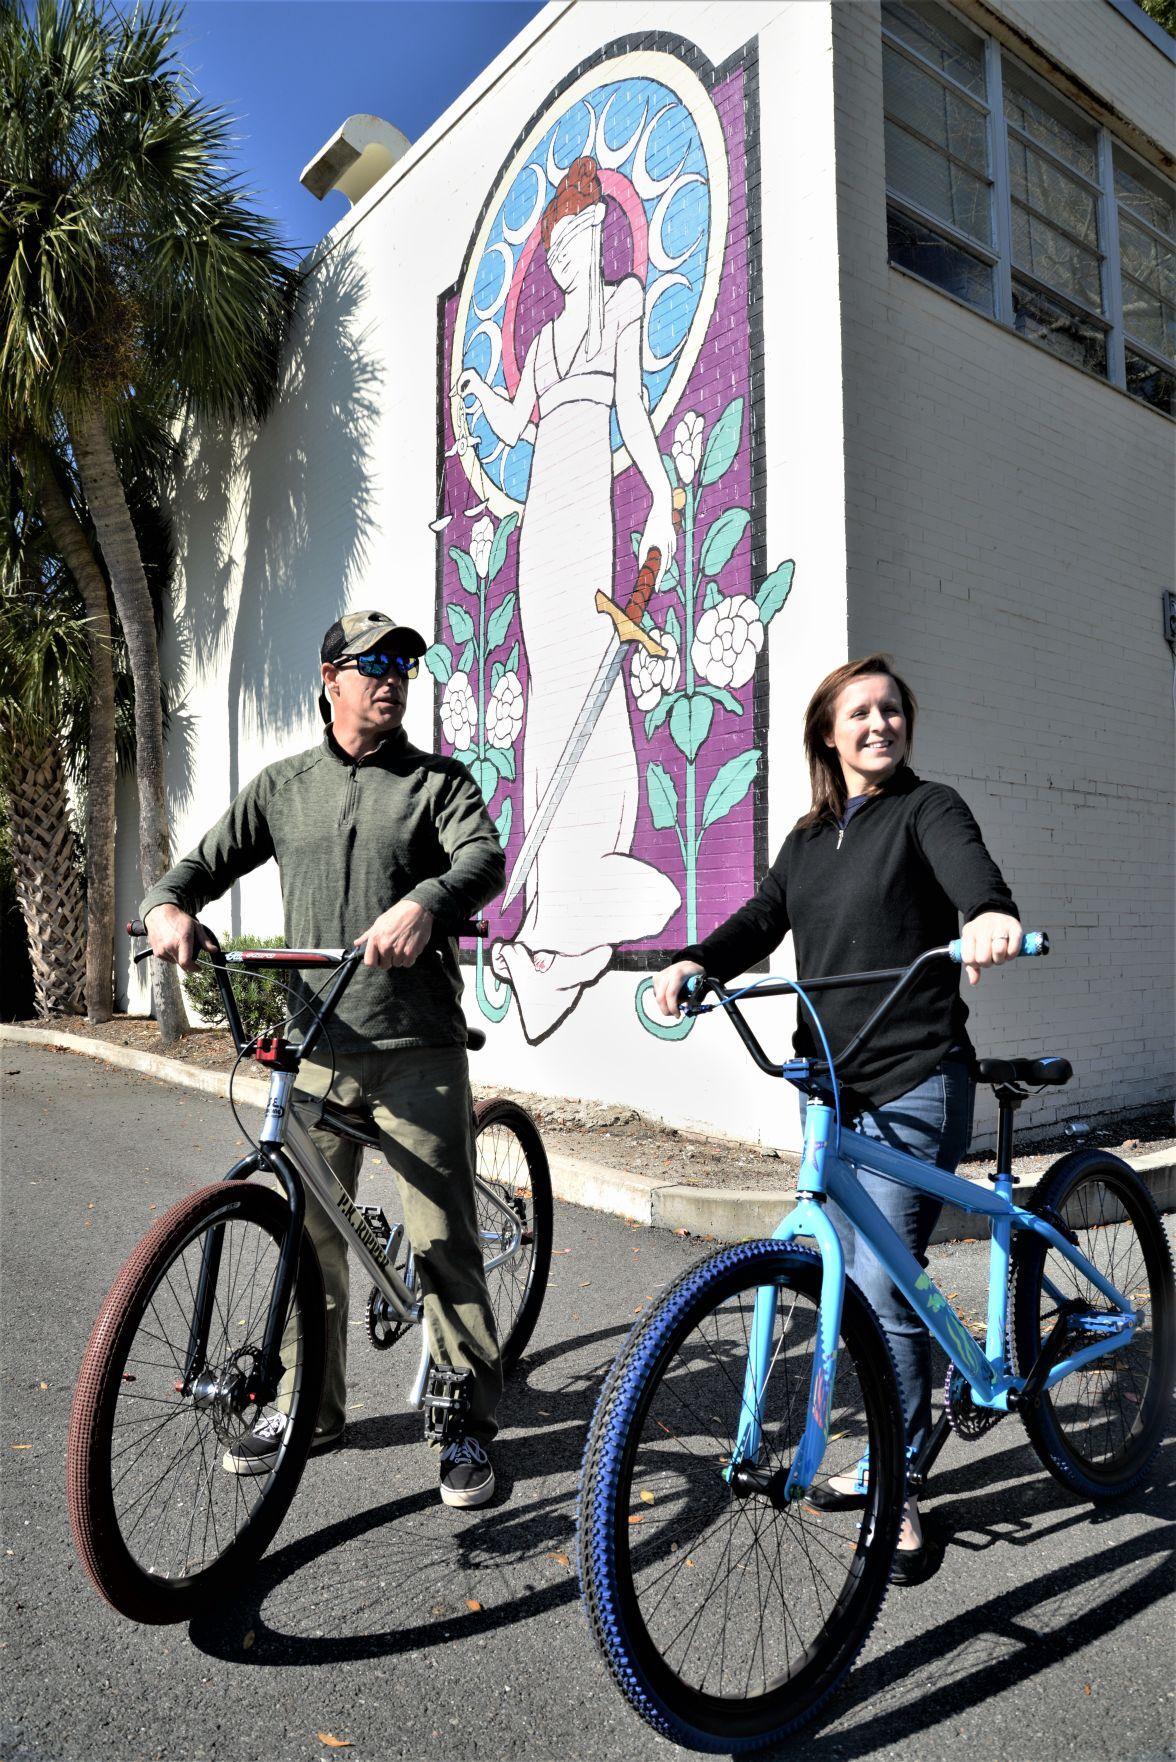 Mural bike ride